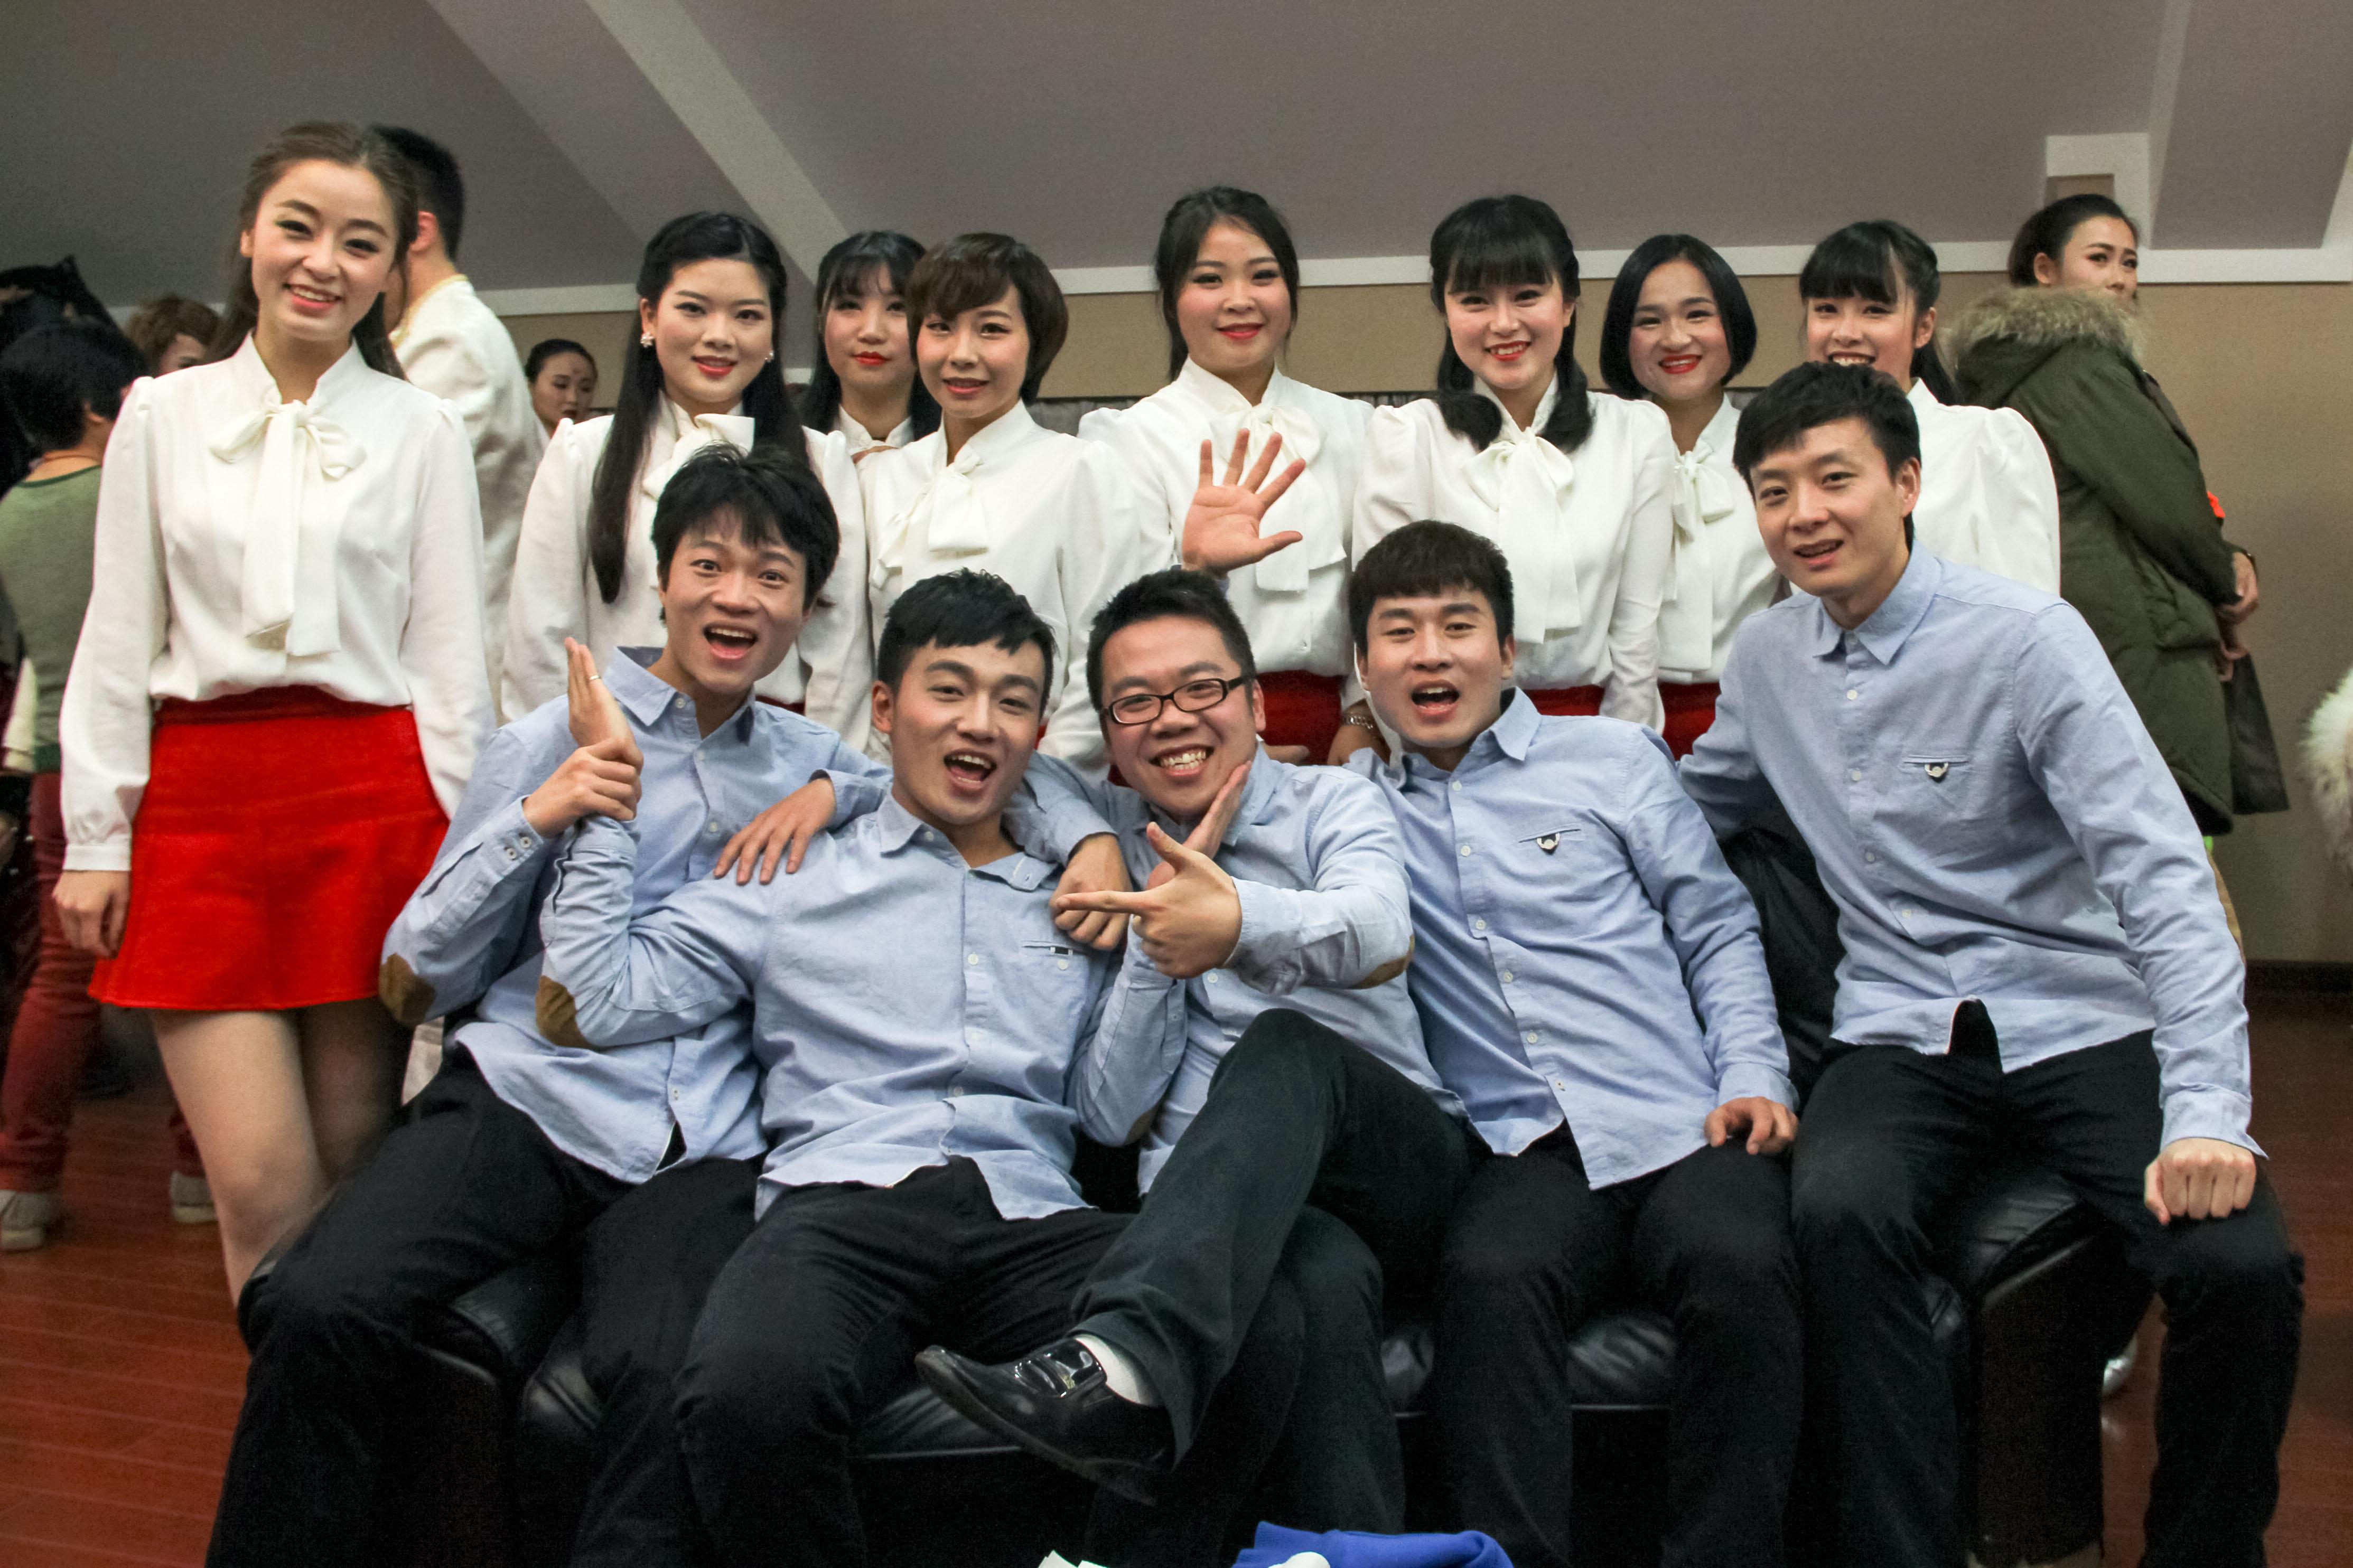 2015年新媒体集团年会追梦节目组-追梦-后台花絮合影